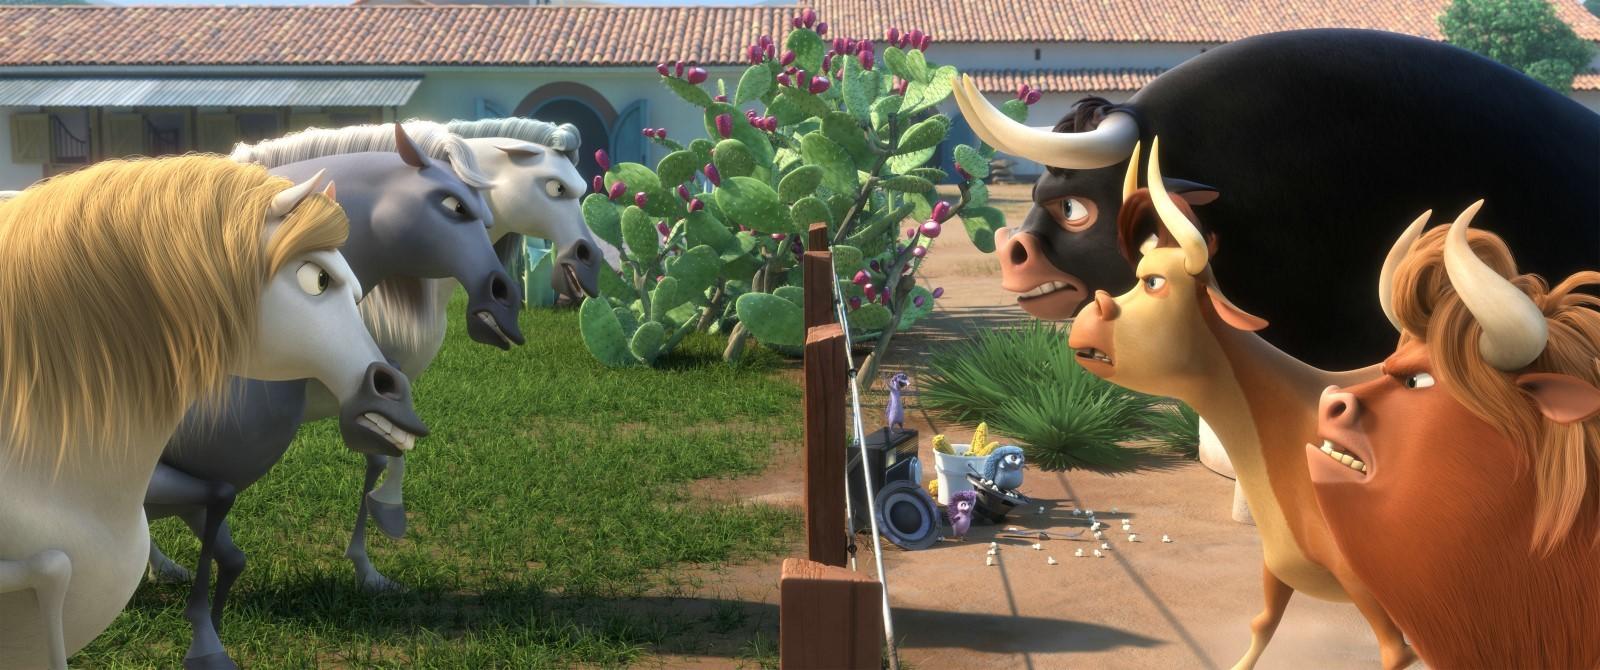 Ferdinand Filmini Tek Part İndir Ekran Görüntüsü 2